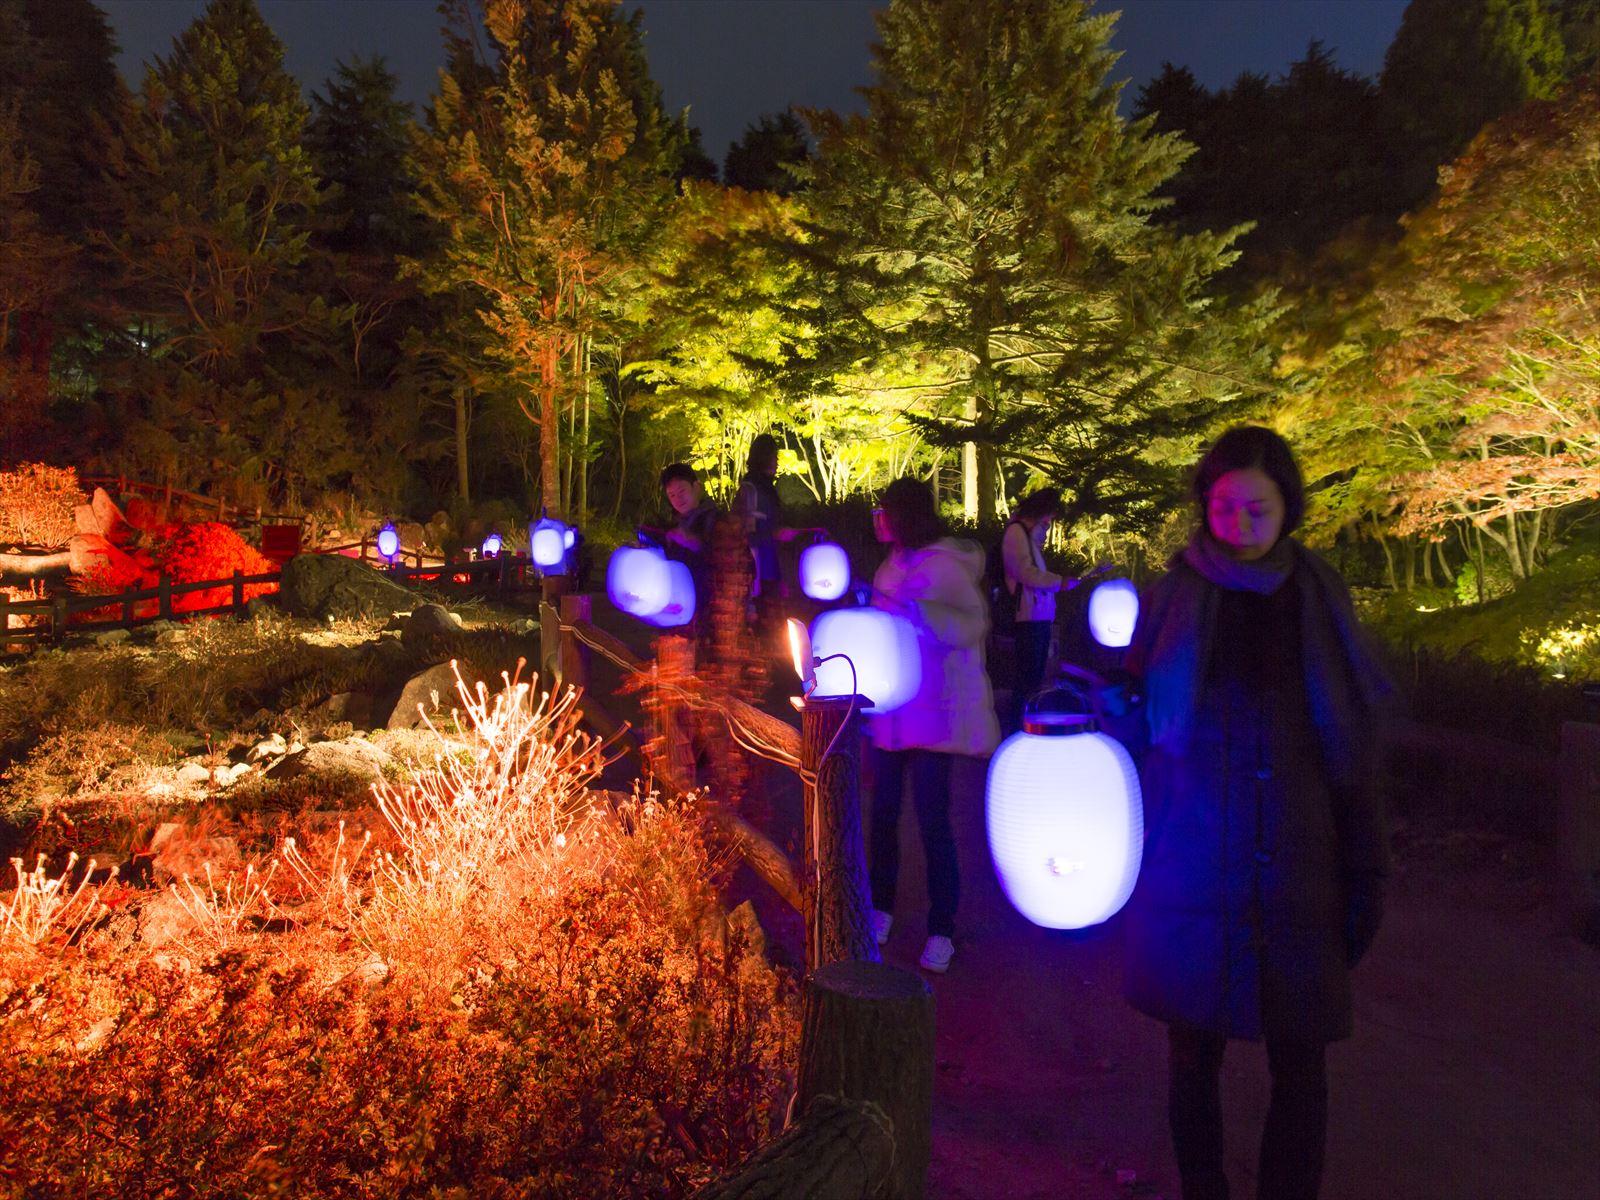 髙橋匡太 ≪Glow with Night Garden Project in Rokko提灯行列ランドスケープ≫ 2016年 六甲高山植物園